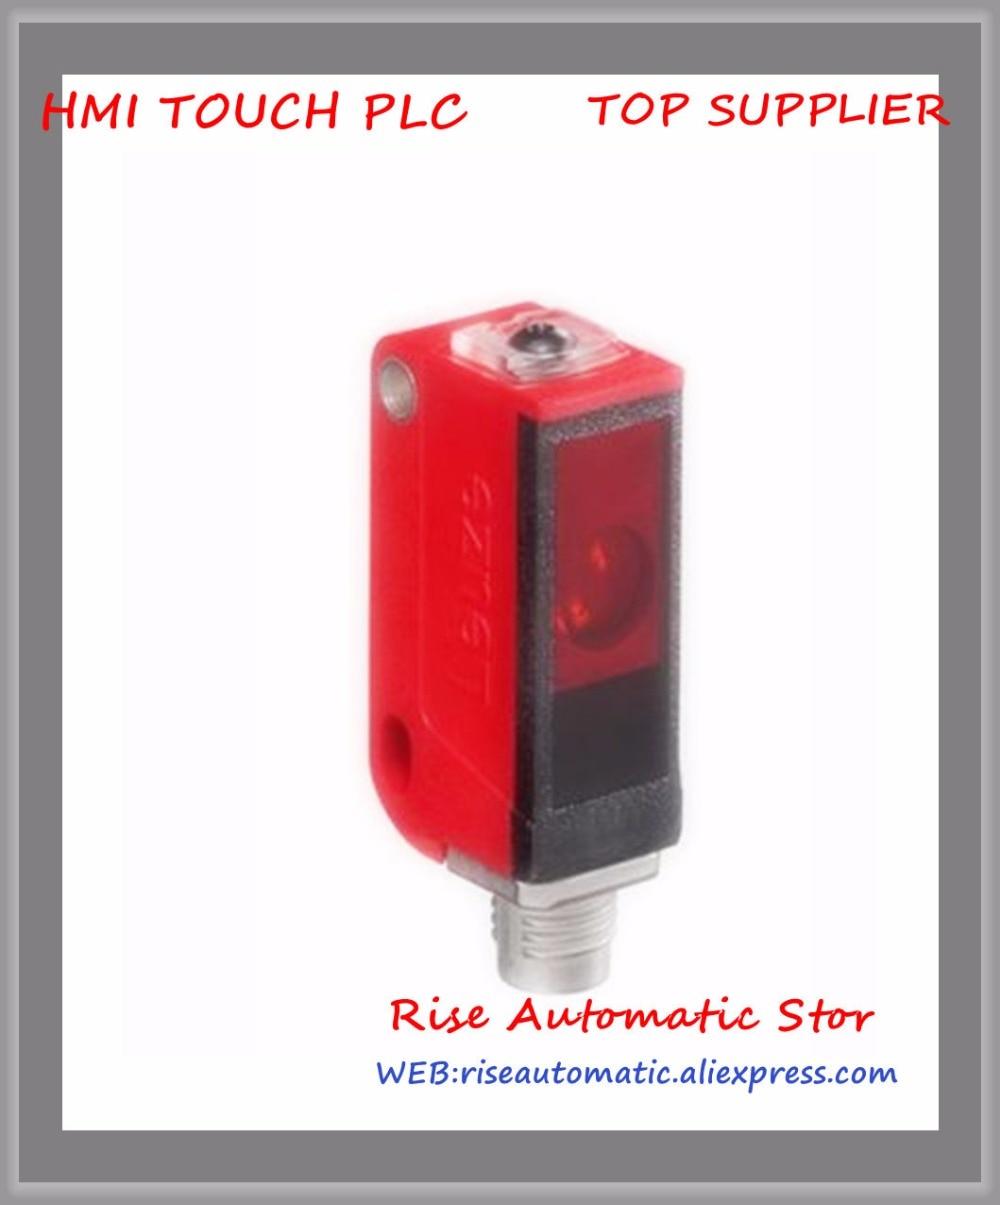 цена на New Original PRK 3B 6.22 Photoelectric Switch high-quality